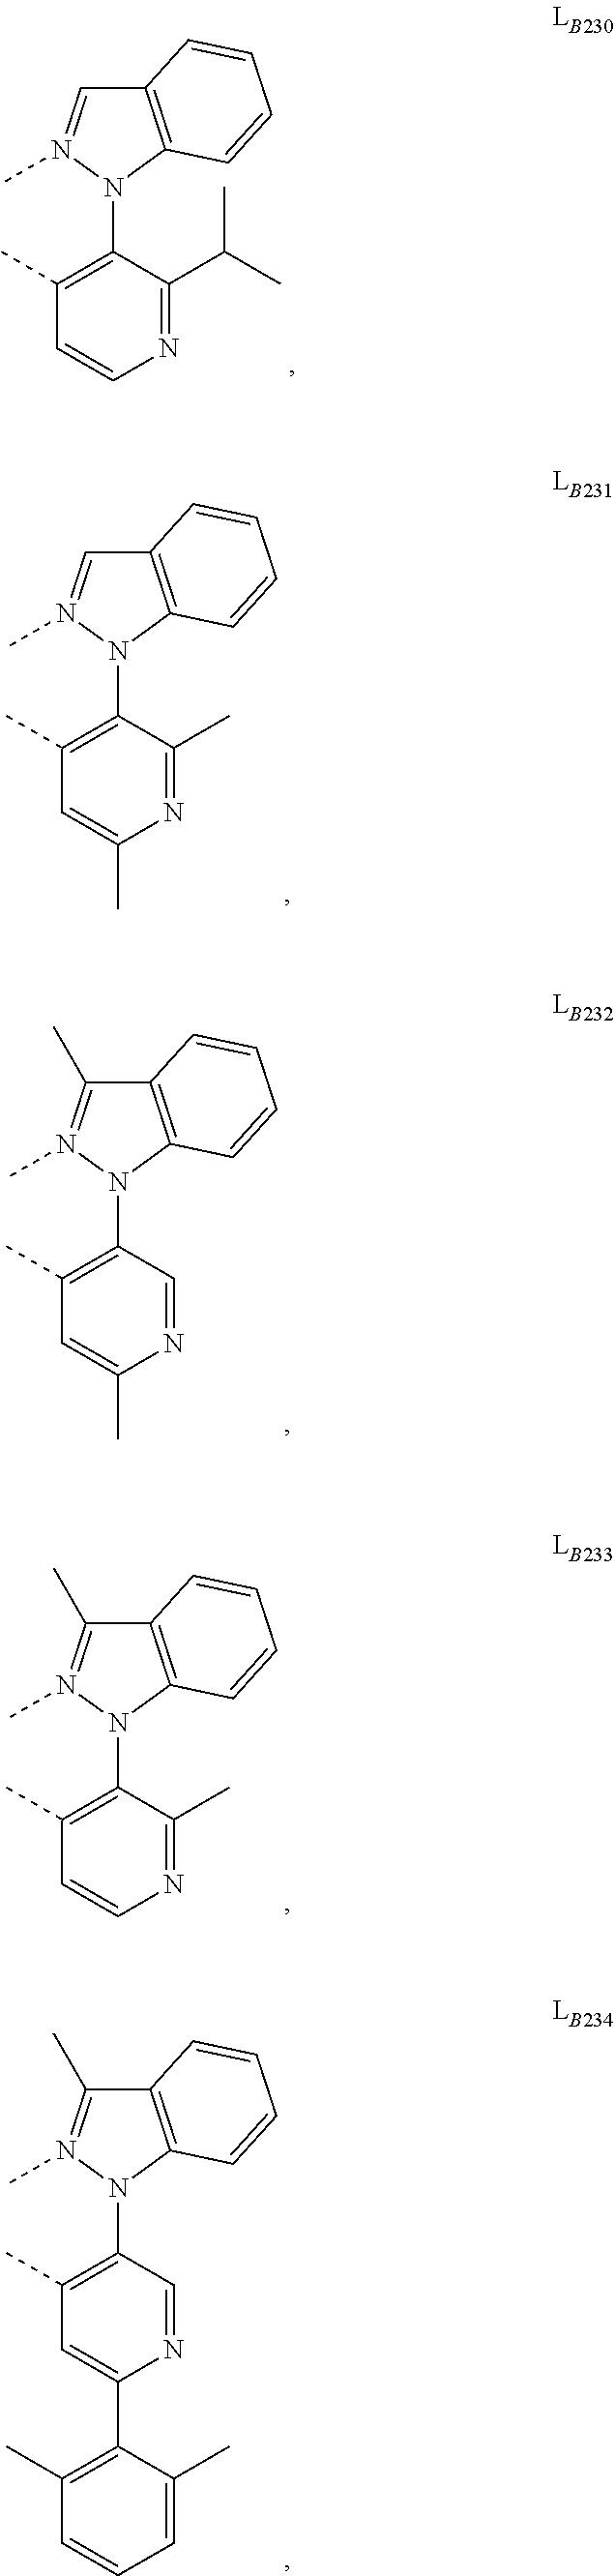 Figure US09905785-20180227-C00609